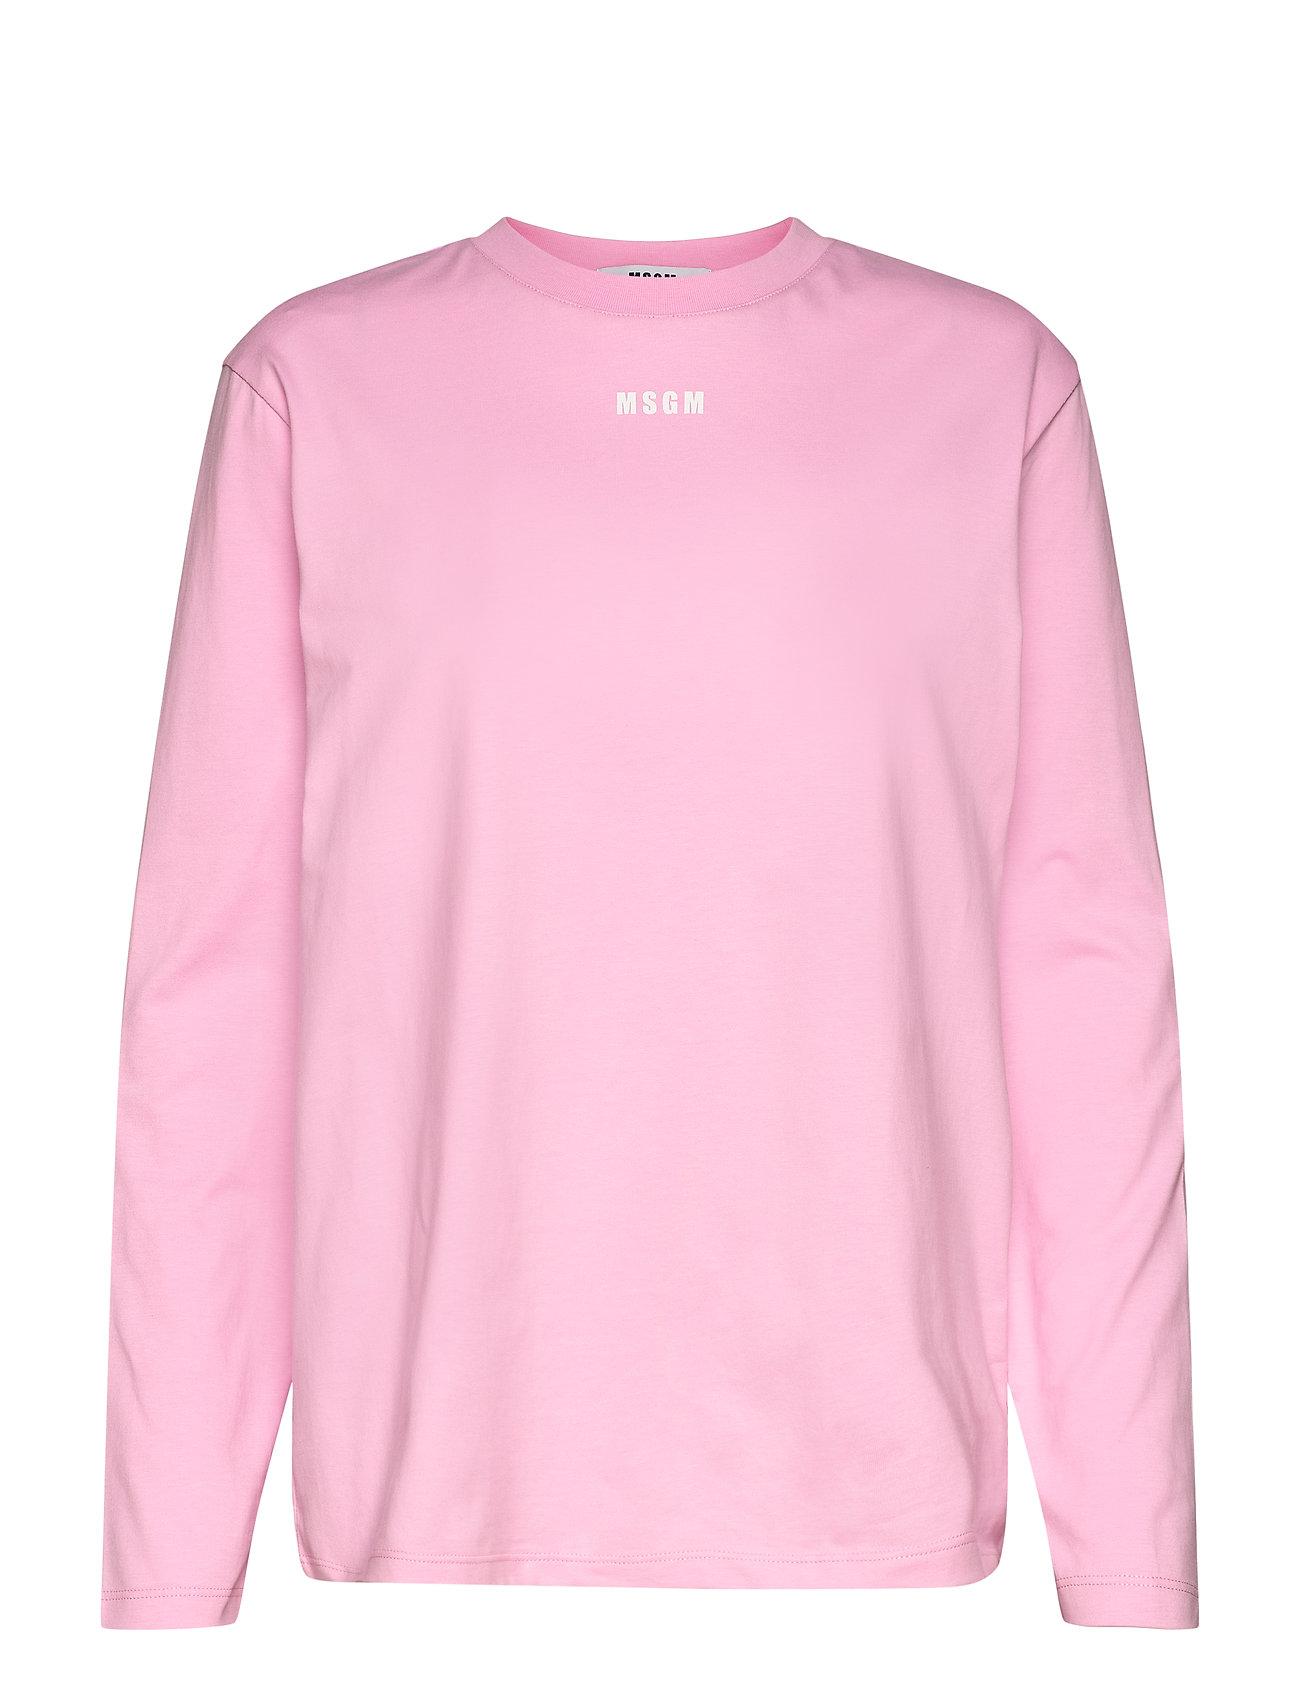 Image of T-Shirt/T-Shirt Langærmet T-shirt Lyserød MSGM (3484277963)